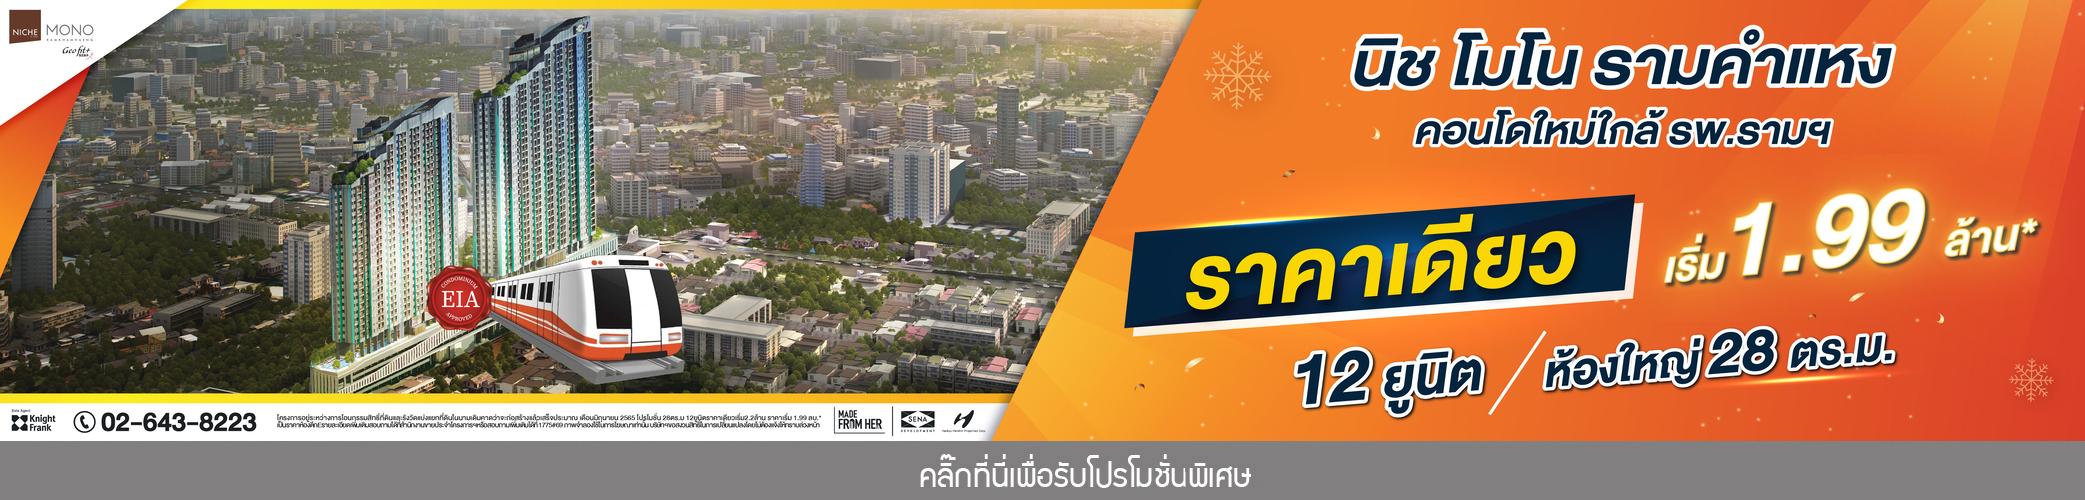 คอนโด นิช โมโน รามคำแหง - Niche Mono Ramkhamhaeng Condo